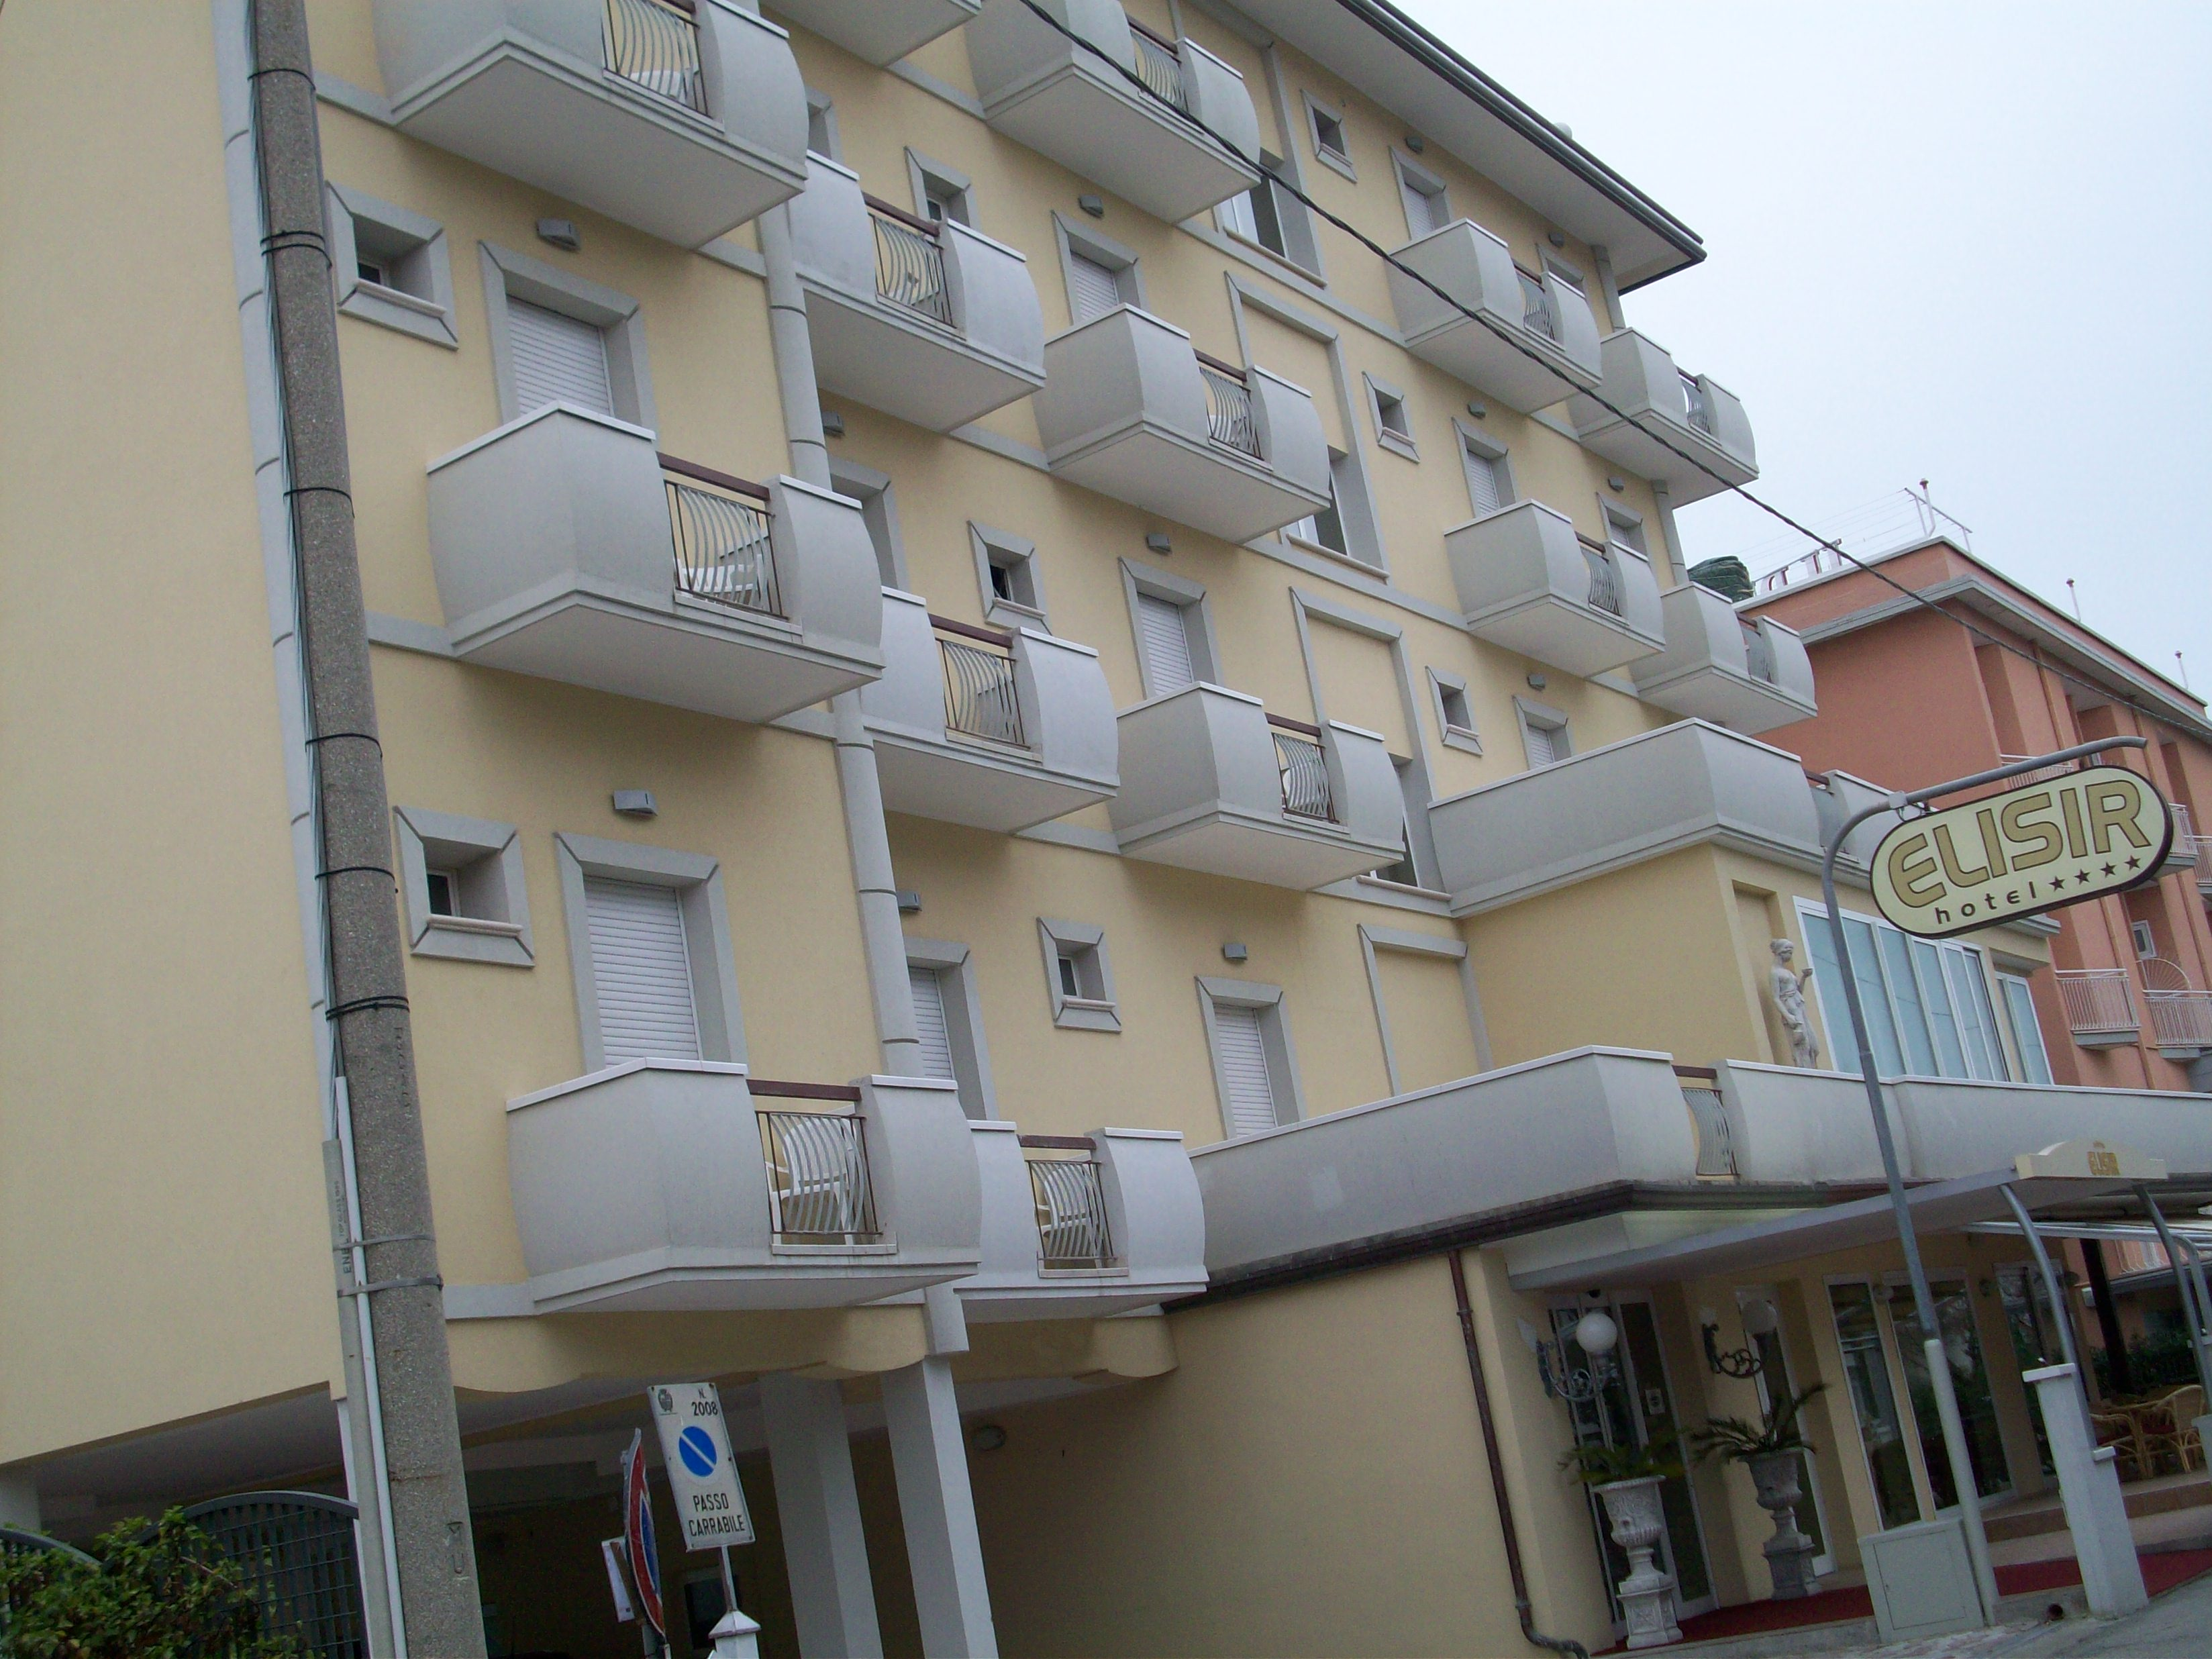 Hotel Elisir